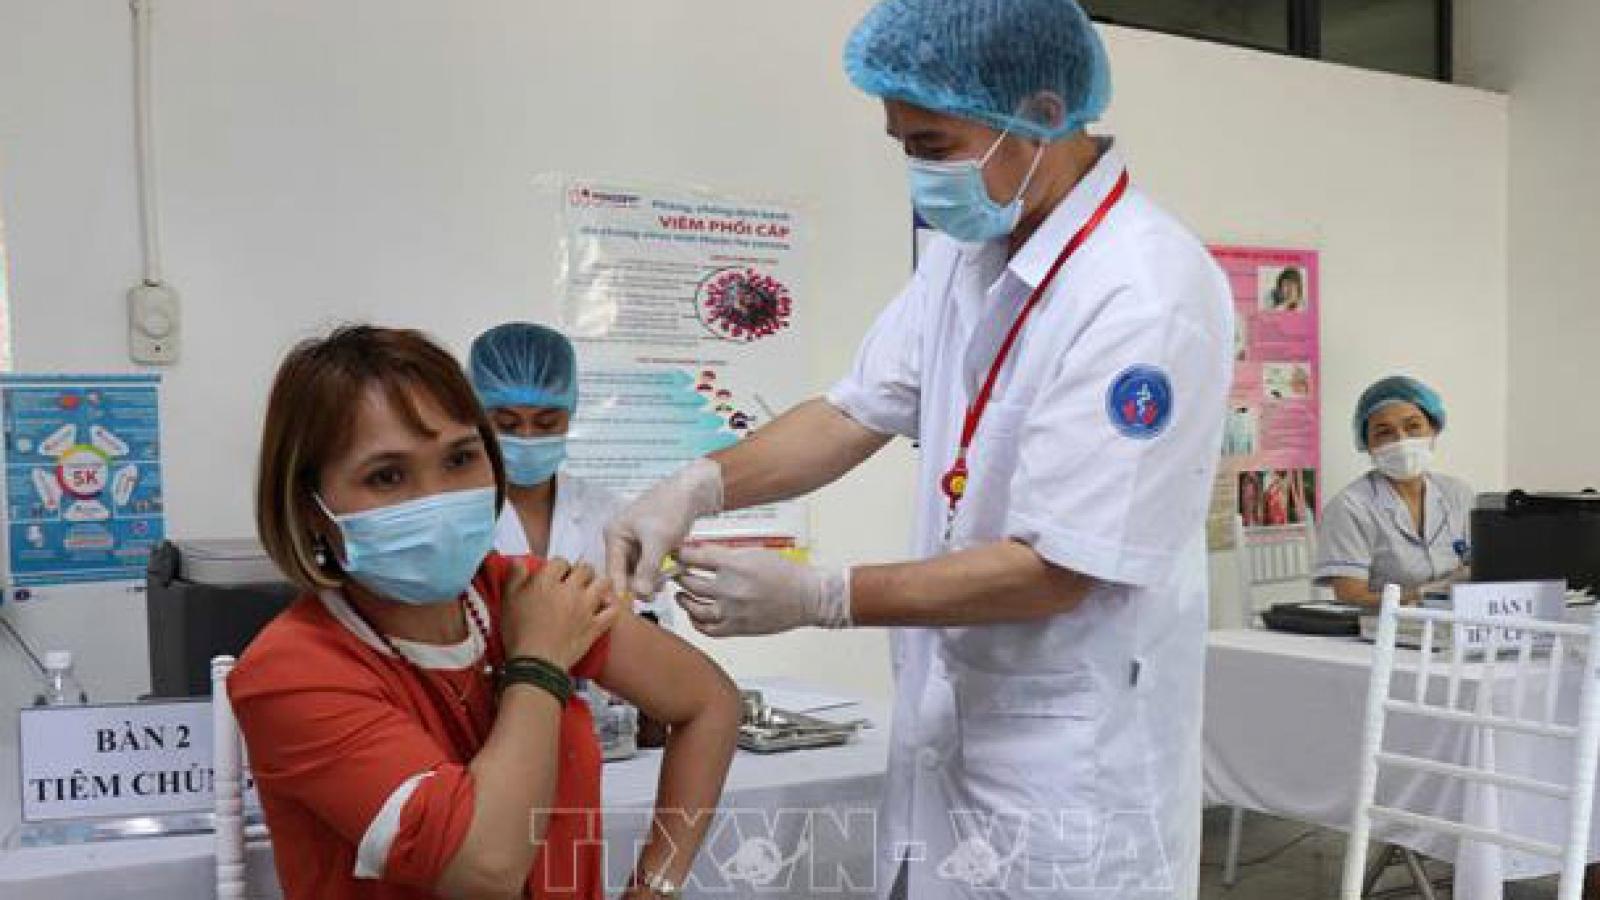 Ưu tiên tiêm vaccine Covid-19 bảo vệ người lao động trong hệ thống bán lẻ là cần thiết